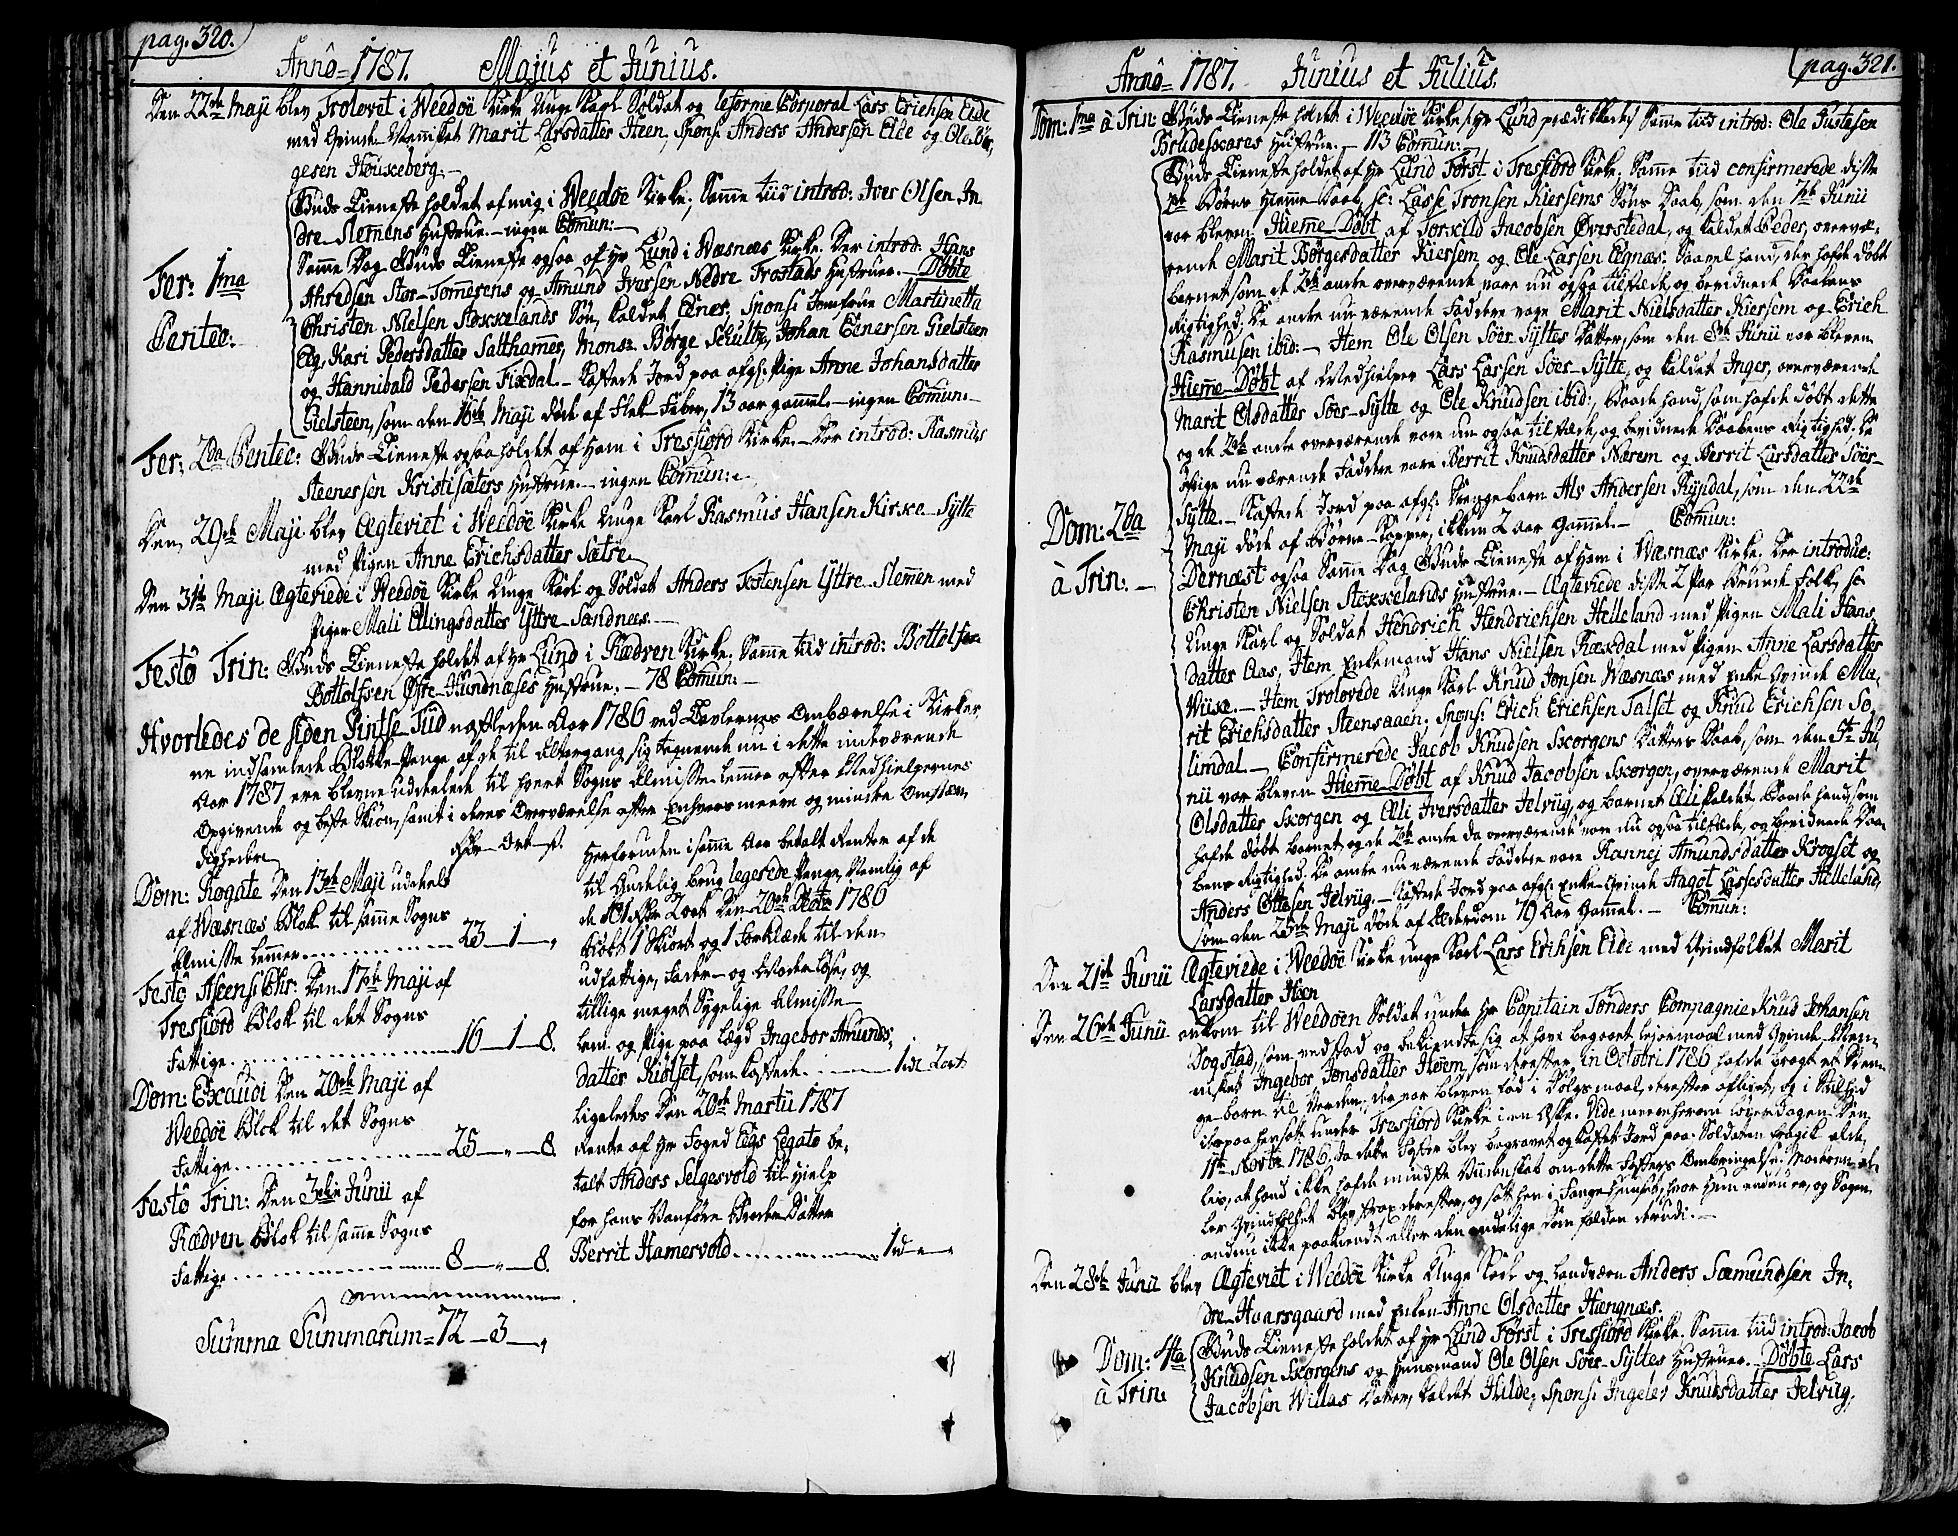 SAT, Ministerialprotokoller, klokkerbøker og fødselsregistre - Møre og Romsdal, 547/L0600: Ministerialbok nr. 547A02, 1765-1799, s. 320-321